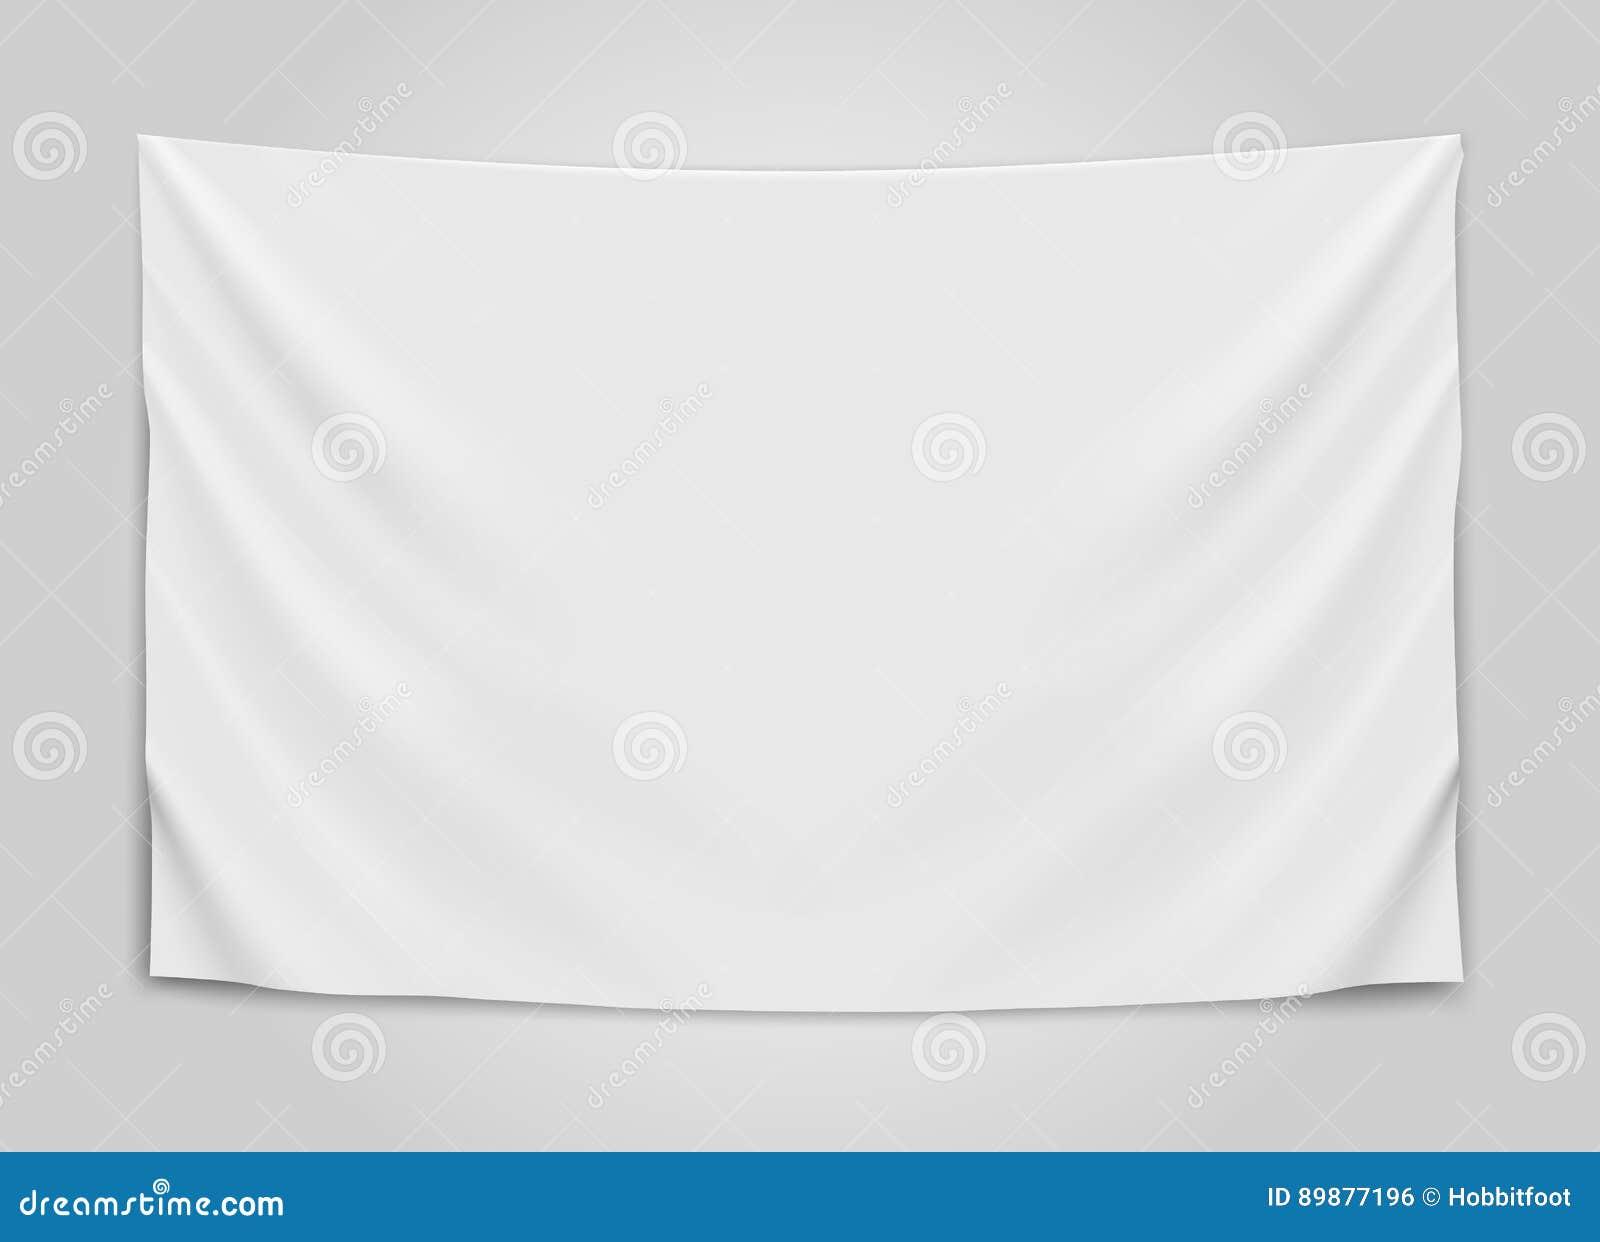 Drapeau blanc vide accrochant Concept vide de drapeau